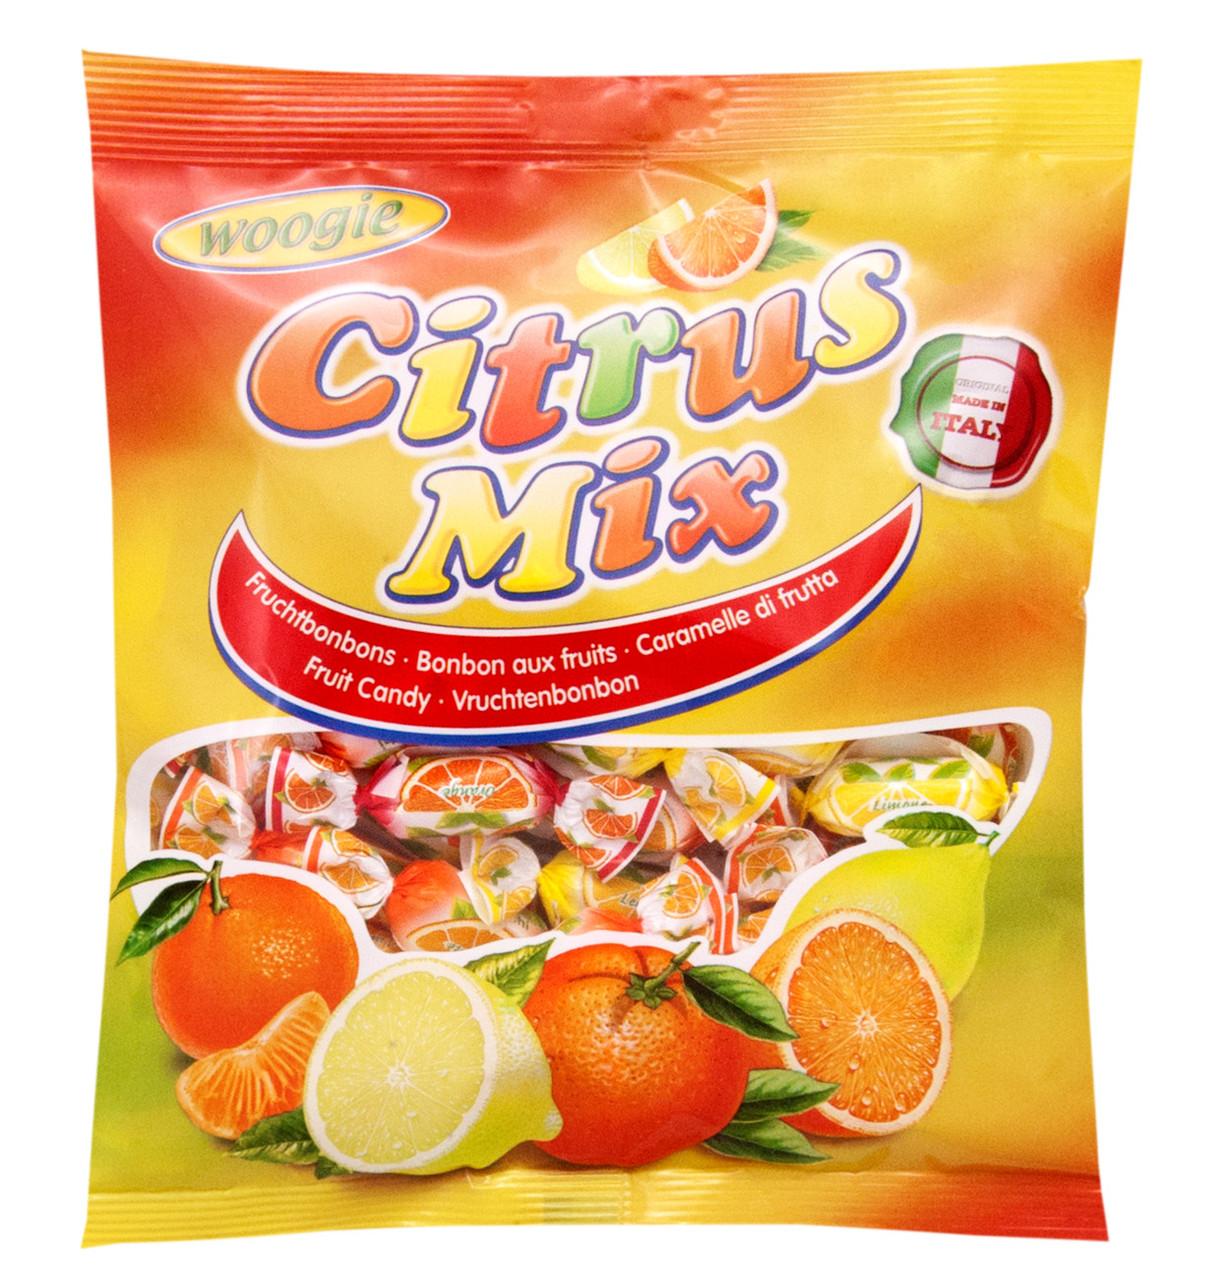 Леденцы Woogie Candies Citrus Mix со вкусом лимона и апельсина, 250g